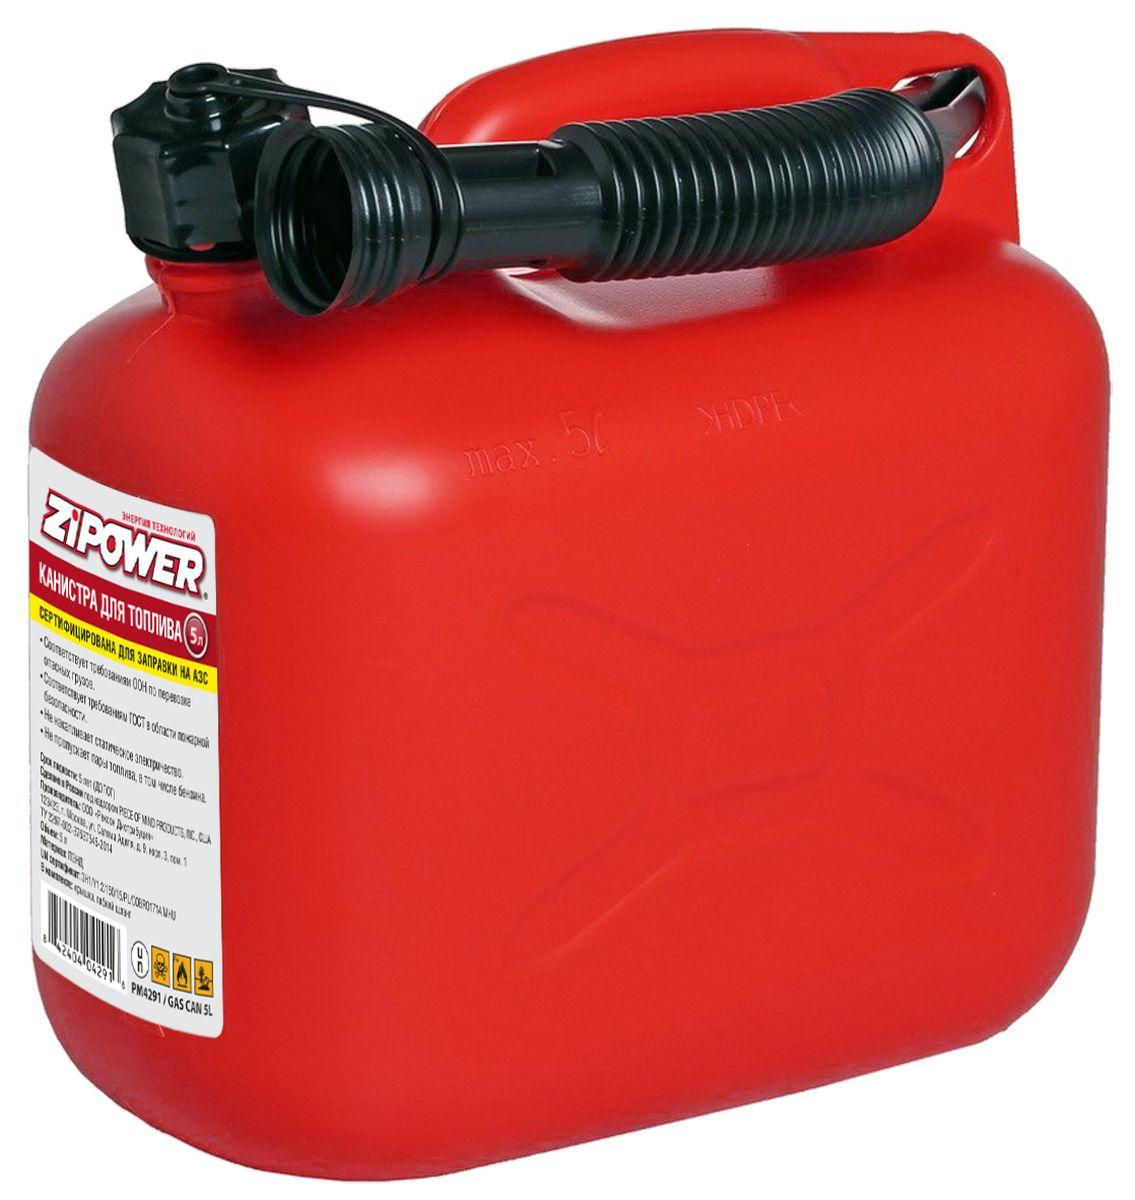 Канистра для топлива Zipower, цвет: красный, 5 лPM4291Канистры предназначены для хранения горюче-смазочных материалов. Канистры изготовлены из первичного сырья ПЭНД и не накапливают статический заряд. Товар имеет европейский сертификат соответствия 3H1/Y1.2/150/15/PL/COBR01714/MHU, который позволяет производить заливку бензина в канистру и контактировать с металлическим пистолетом на АЗС. Все канистры укомплектовываются крышкой и гибким шлангом.